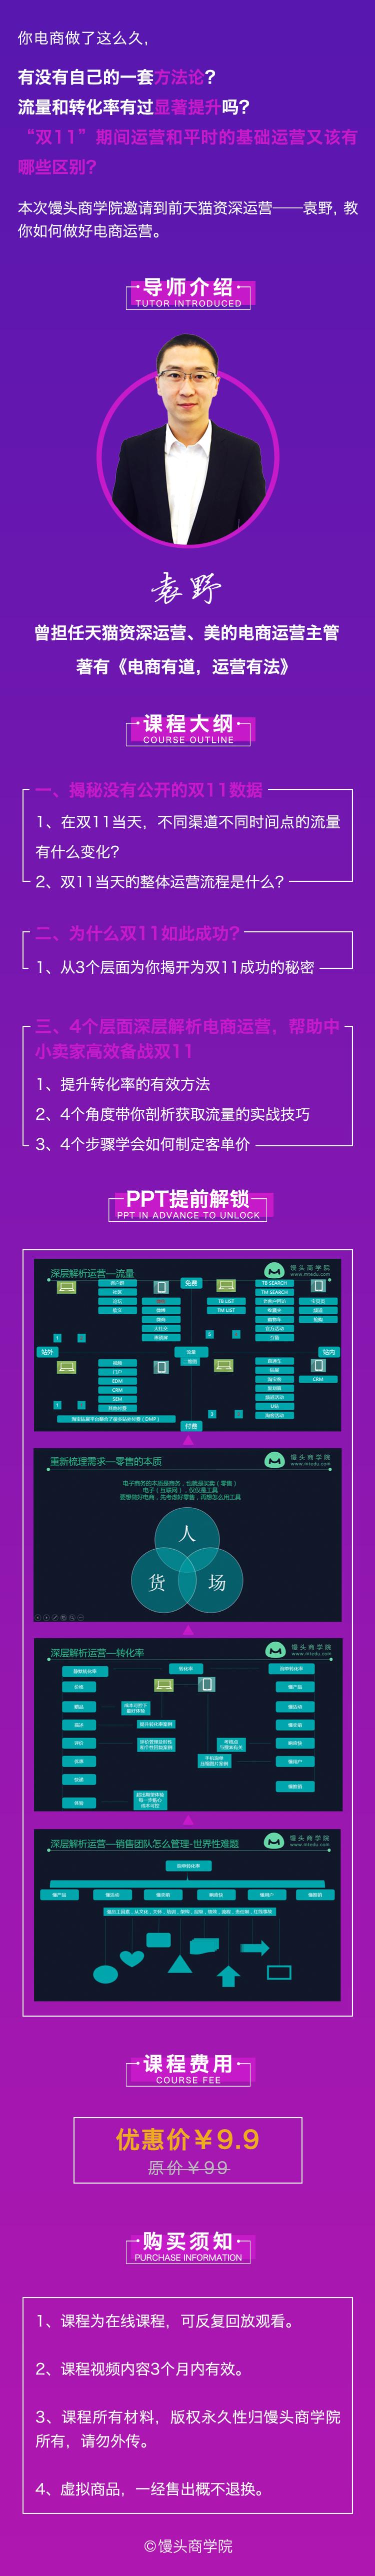 http://mtedu-img.oss-cn-beijing-internal.aliyuncs.com/ueditor/20190506142939_895301.jpg